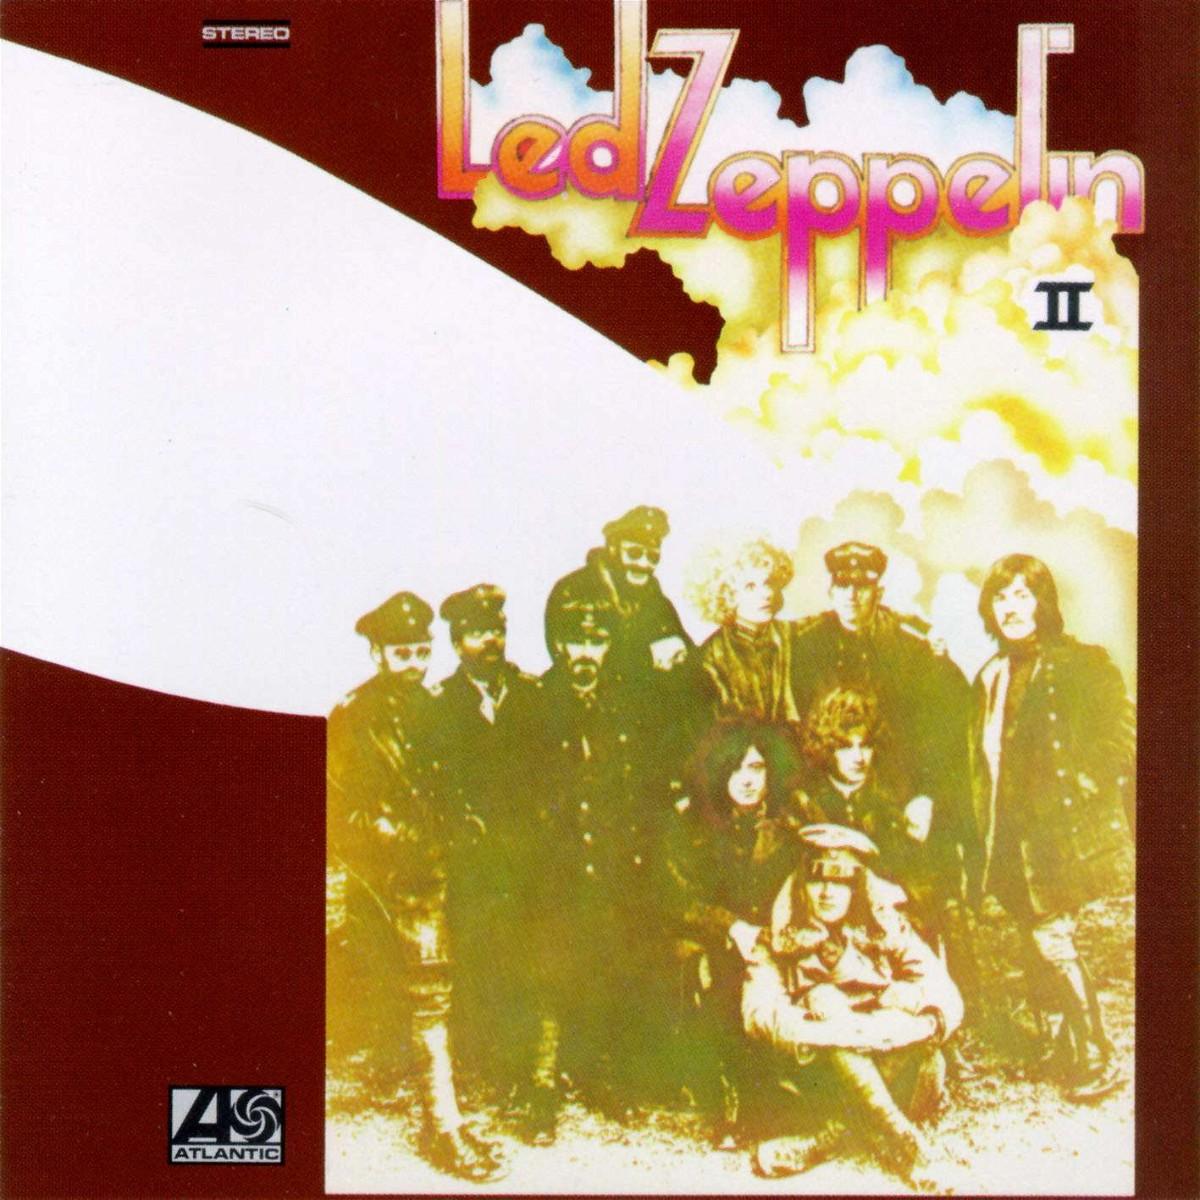 Led Zeppelin Ii Front